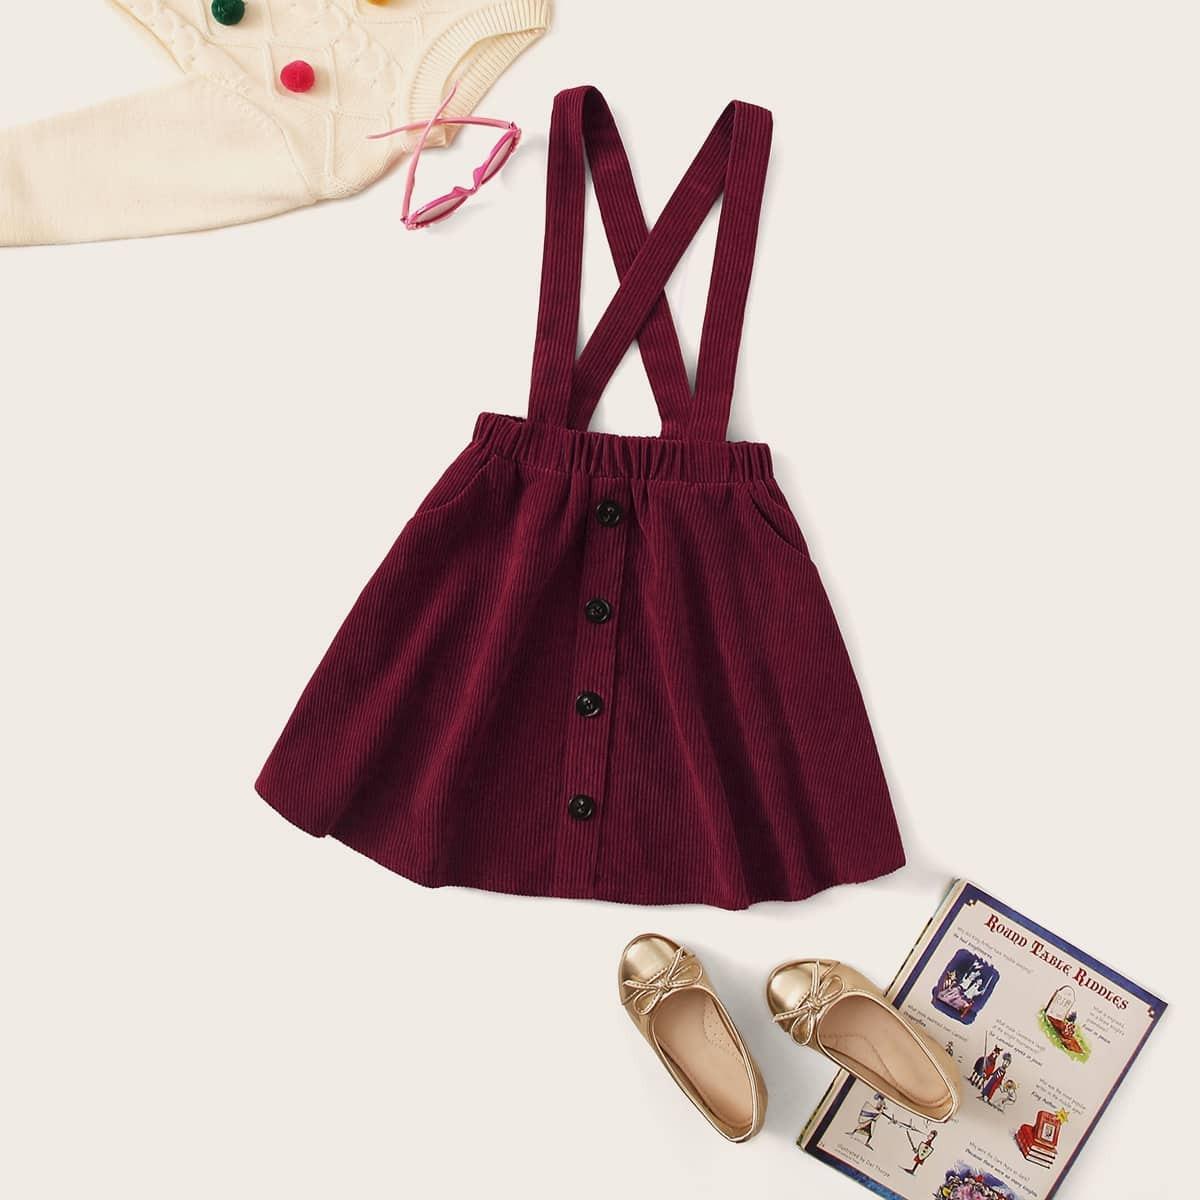 Вельветовая сарафан-юбка с пуговицами для девочек